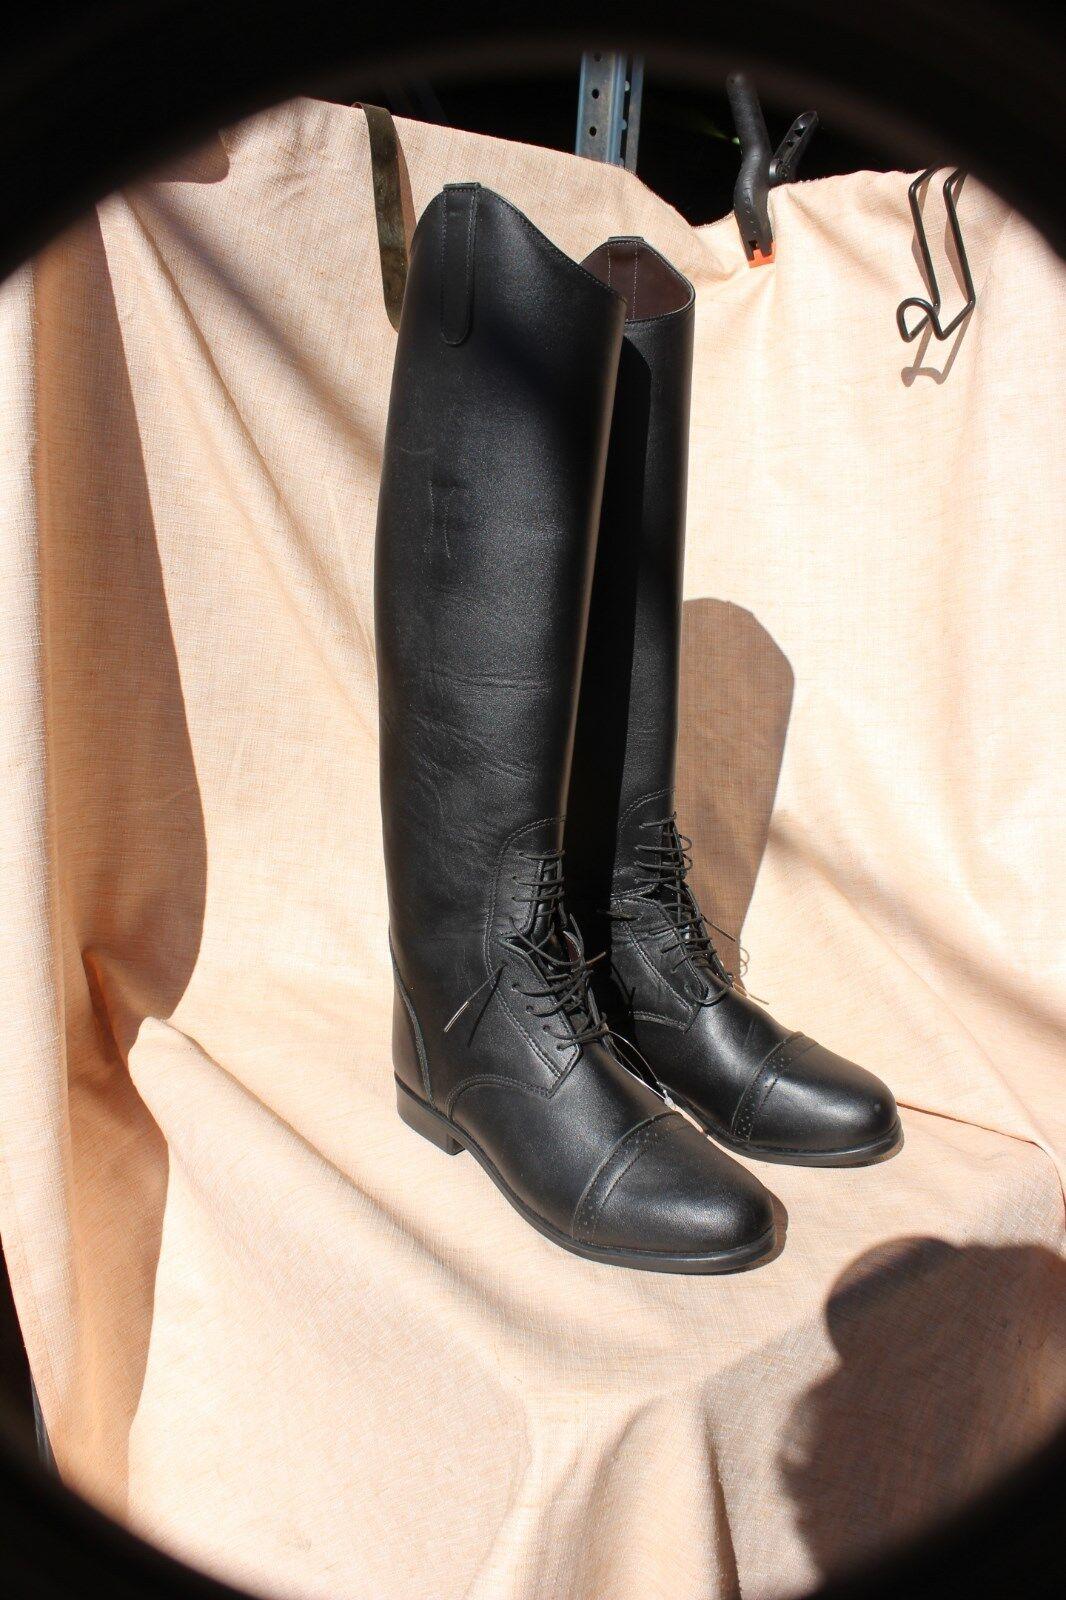 18-20 New Devon Aire ladies Camden field Stiefel 10.5 S  original  price 199.95